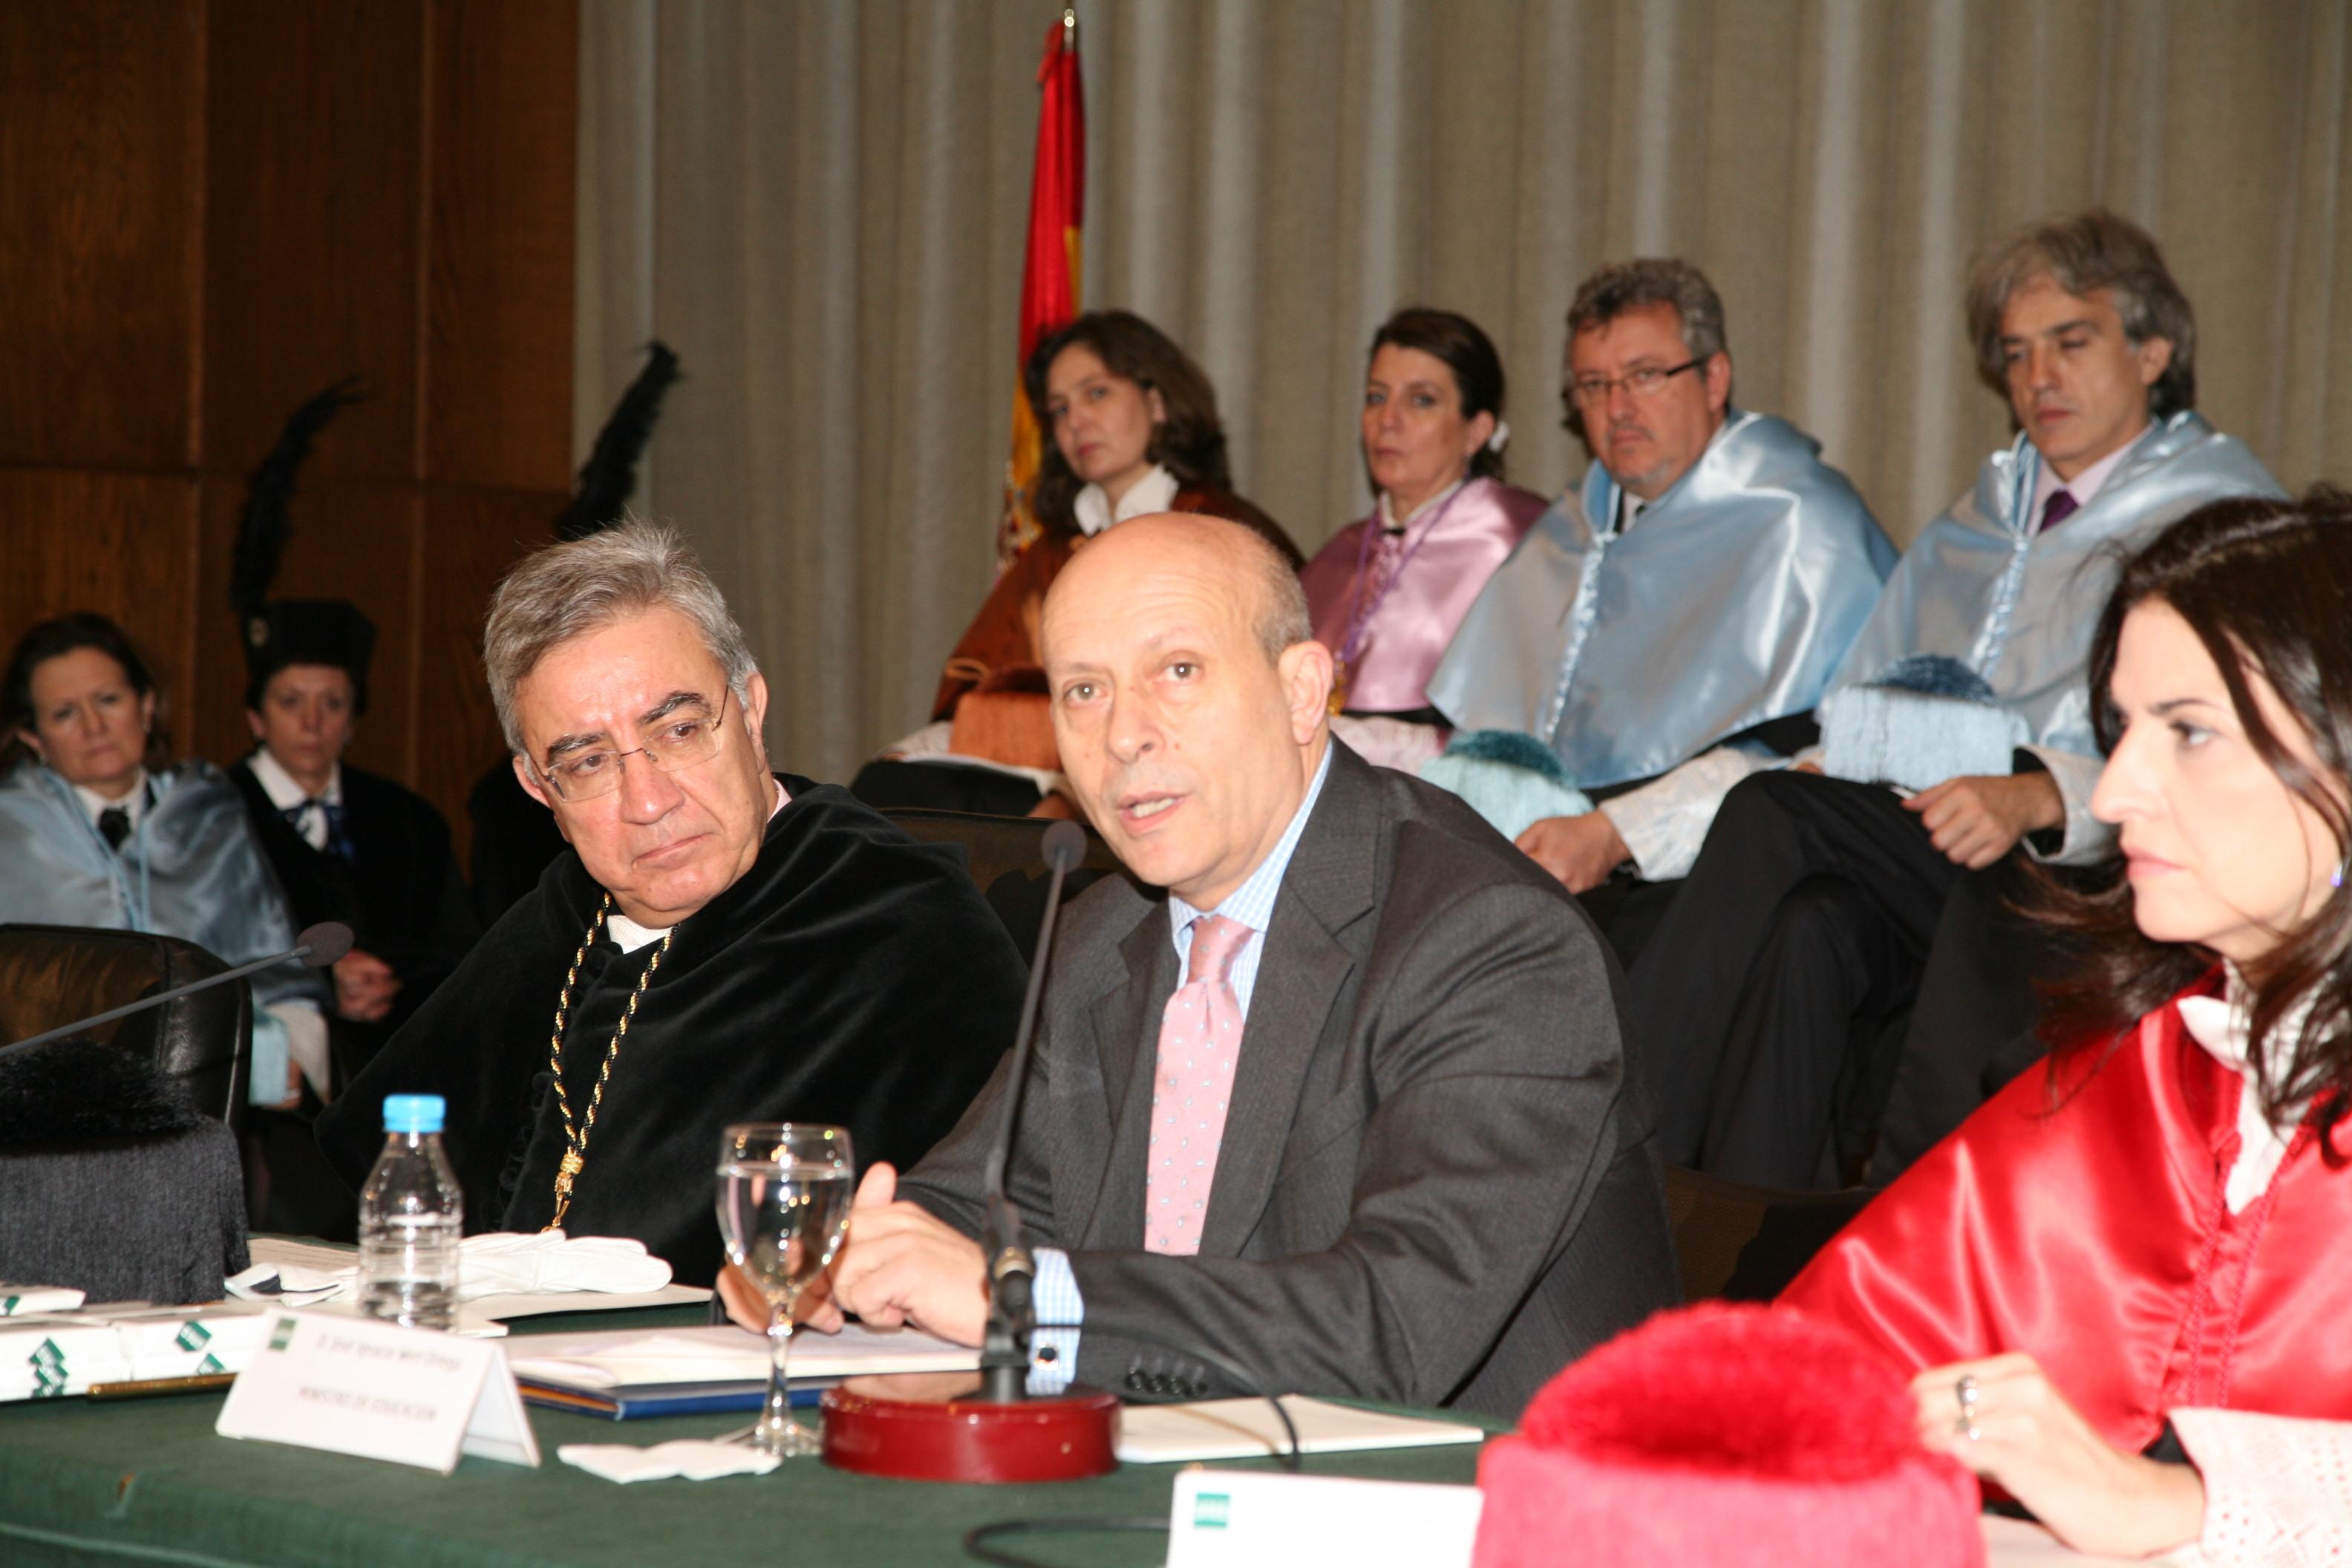 Wert, ministro, Educación, vergüenza, declaraciones, Motel Bates, Albacete